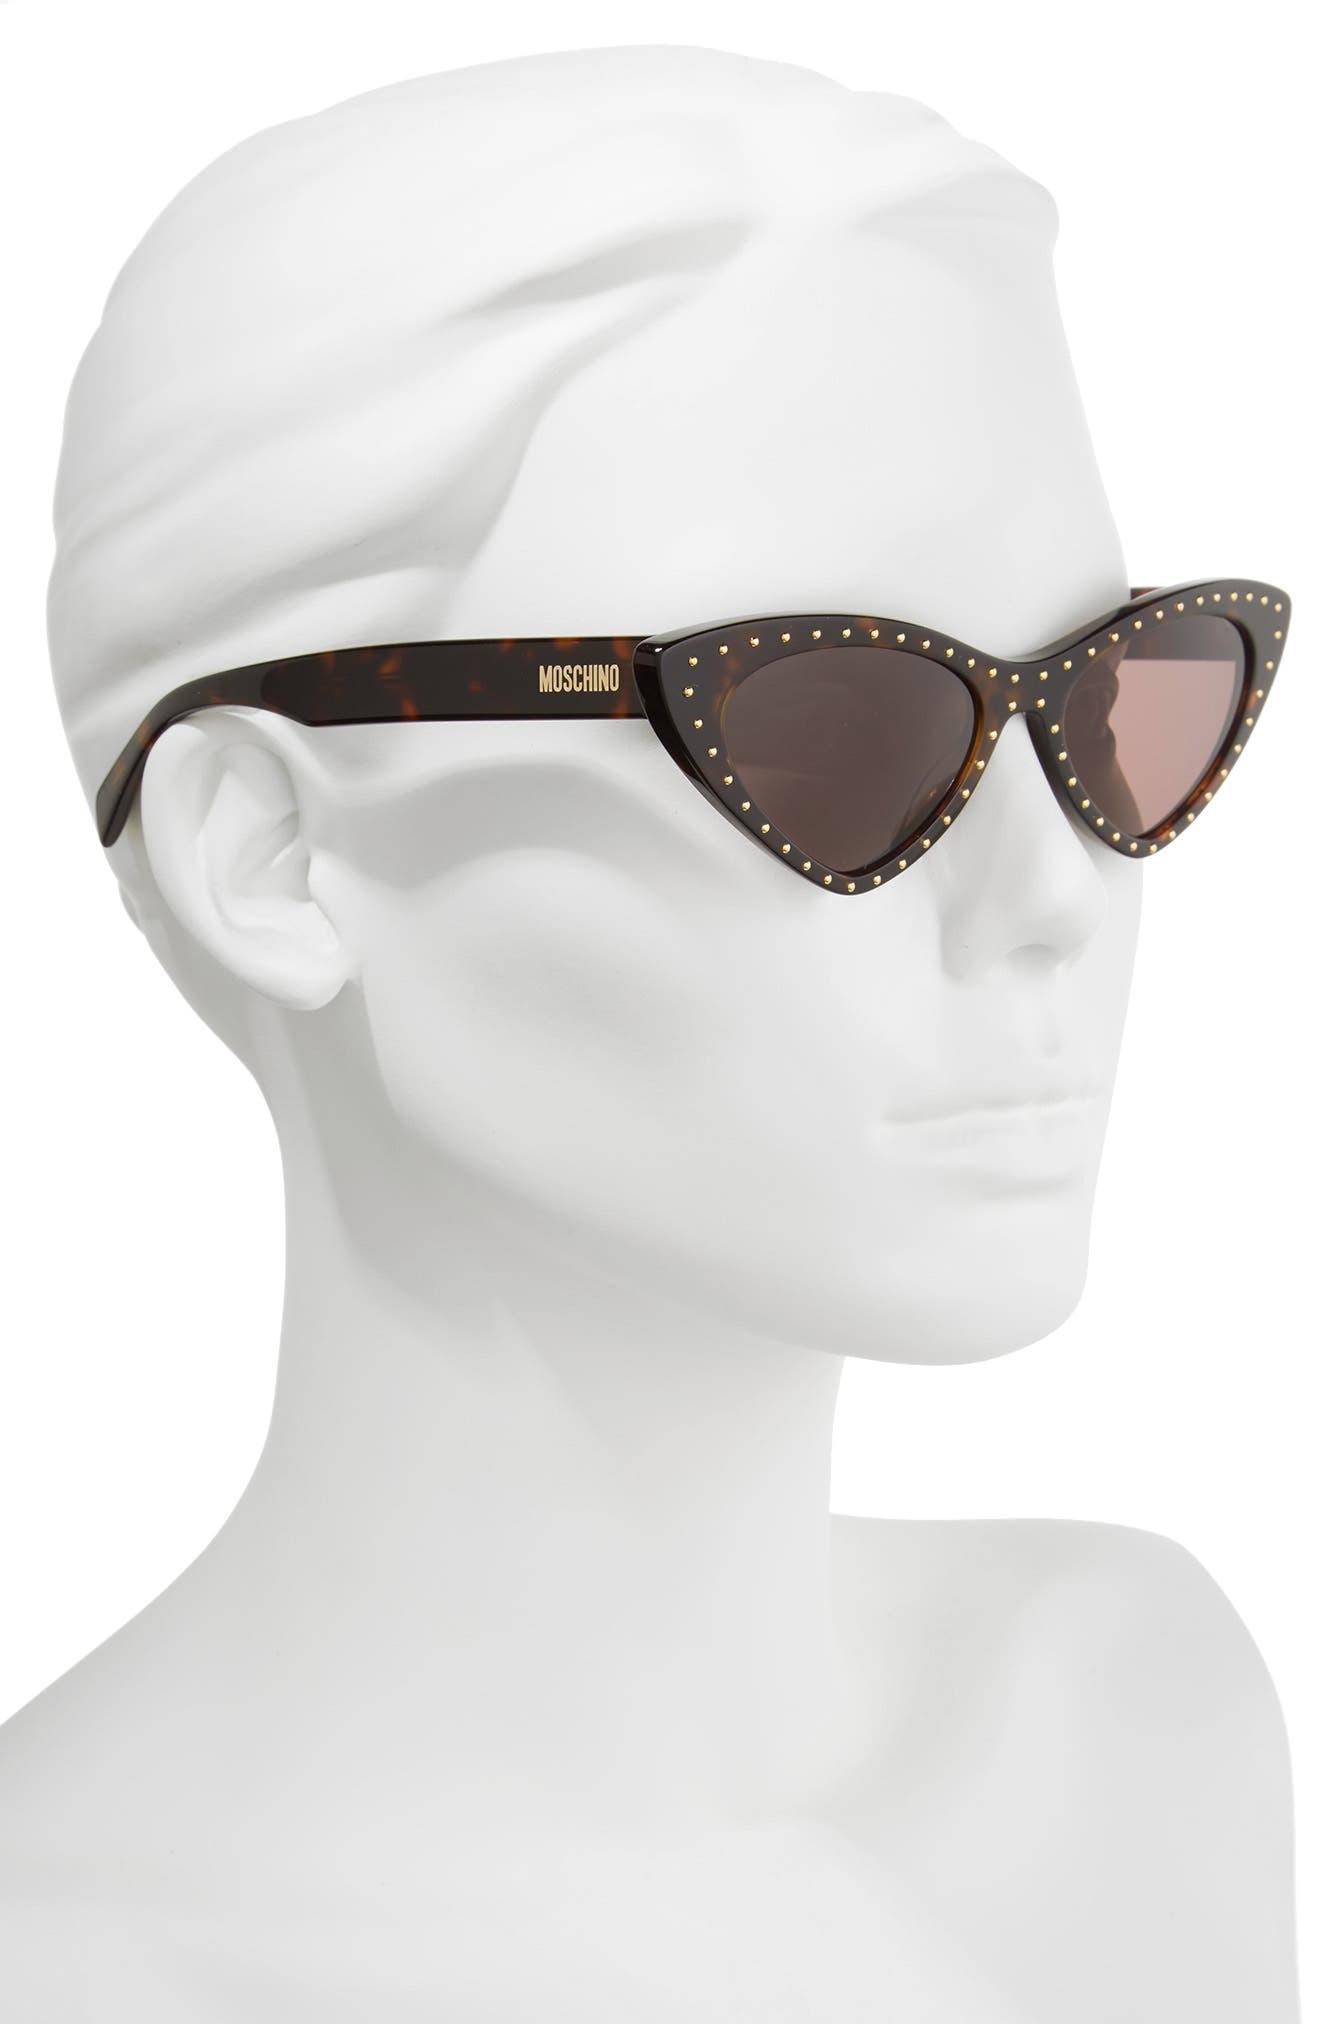 52mm Cat's Eye Sunglasses,                             Alternate thumbnail 2, color,                             Dark Havana